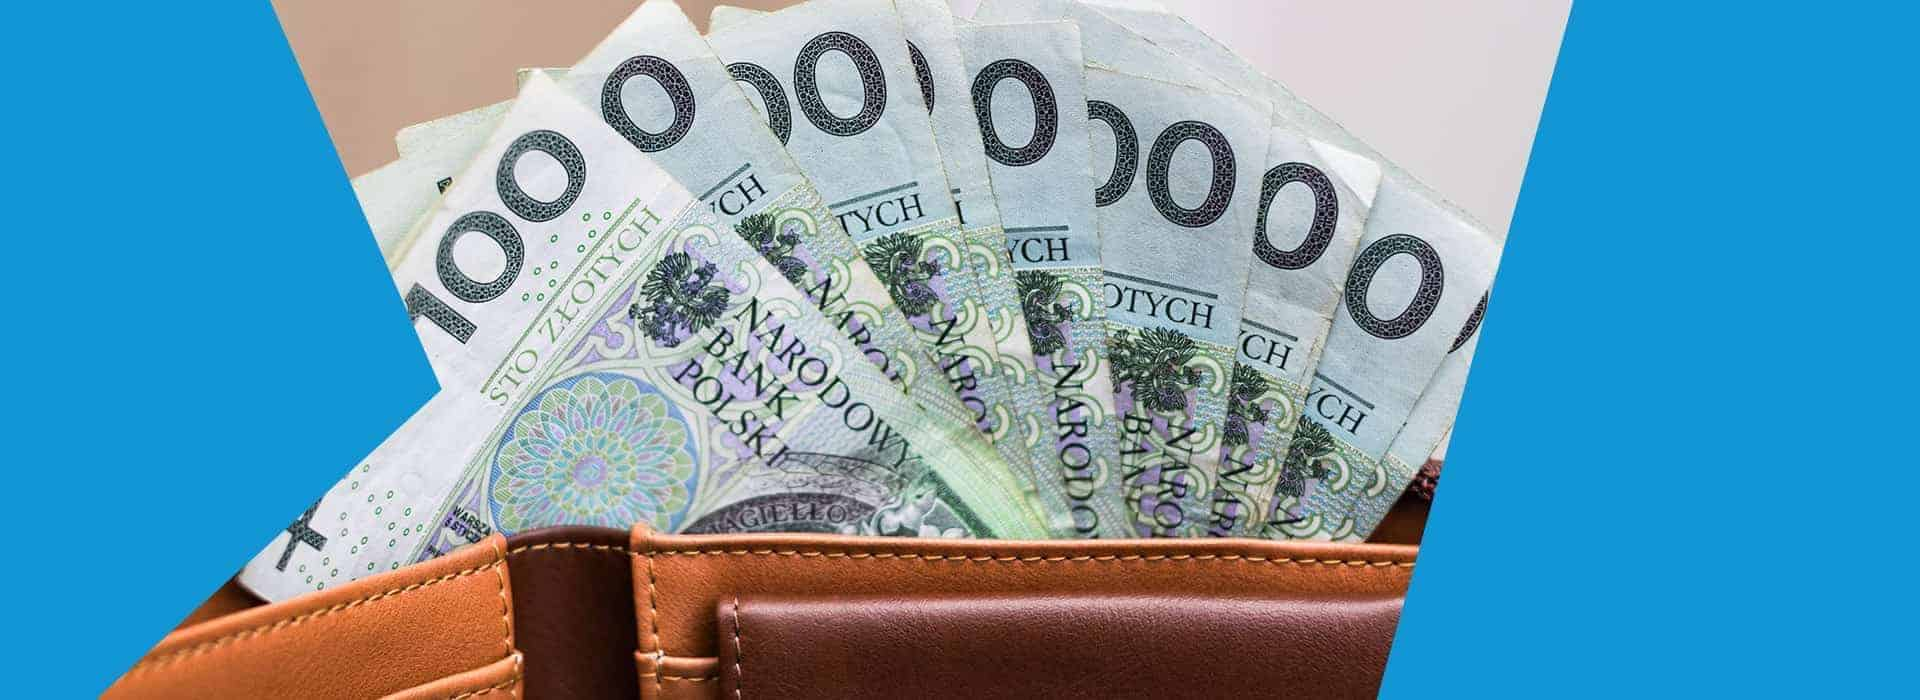 Zwrot prowizji  bankowej za wcześniejszą spłatę kredytu